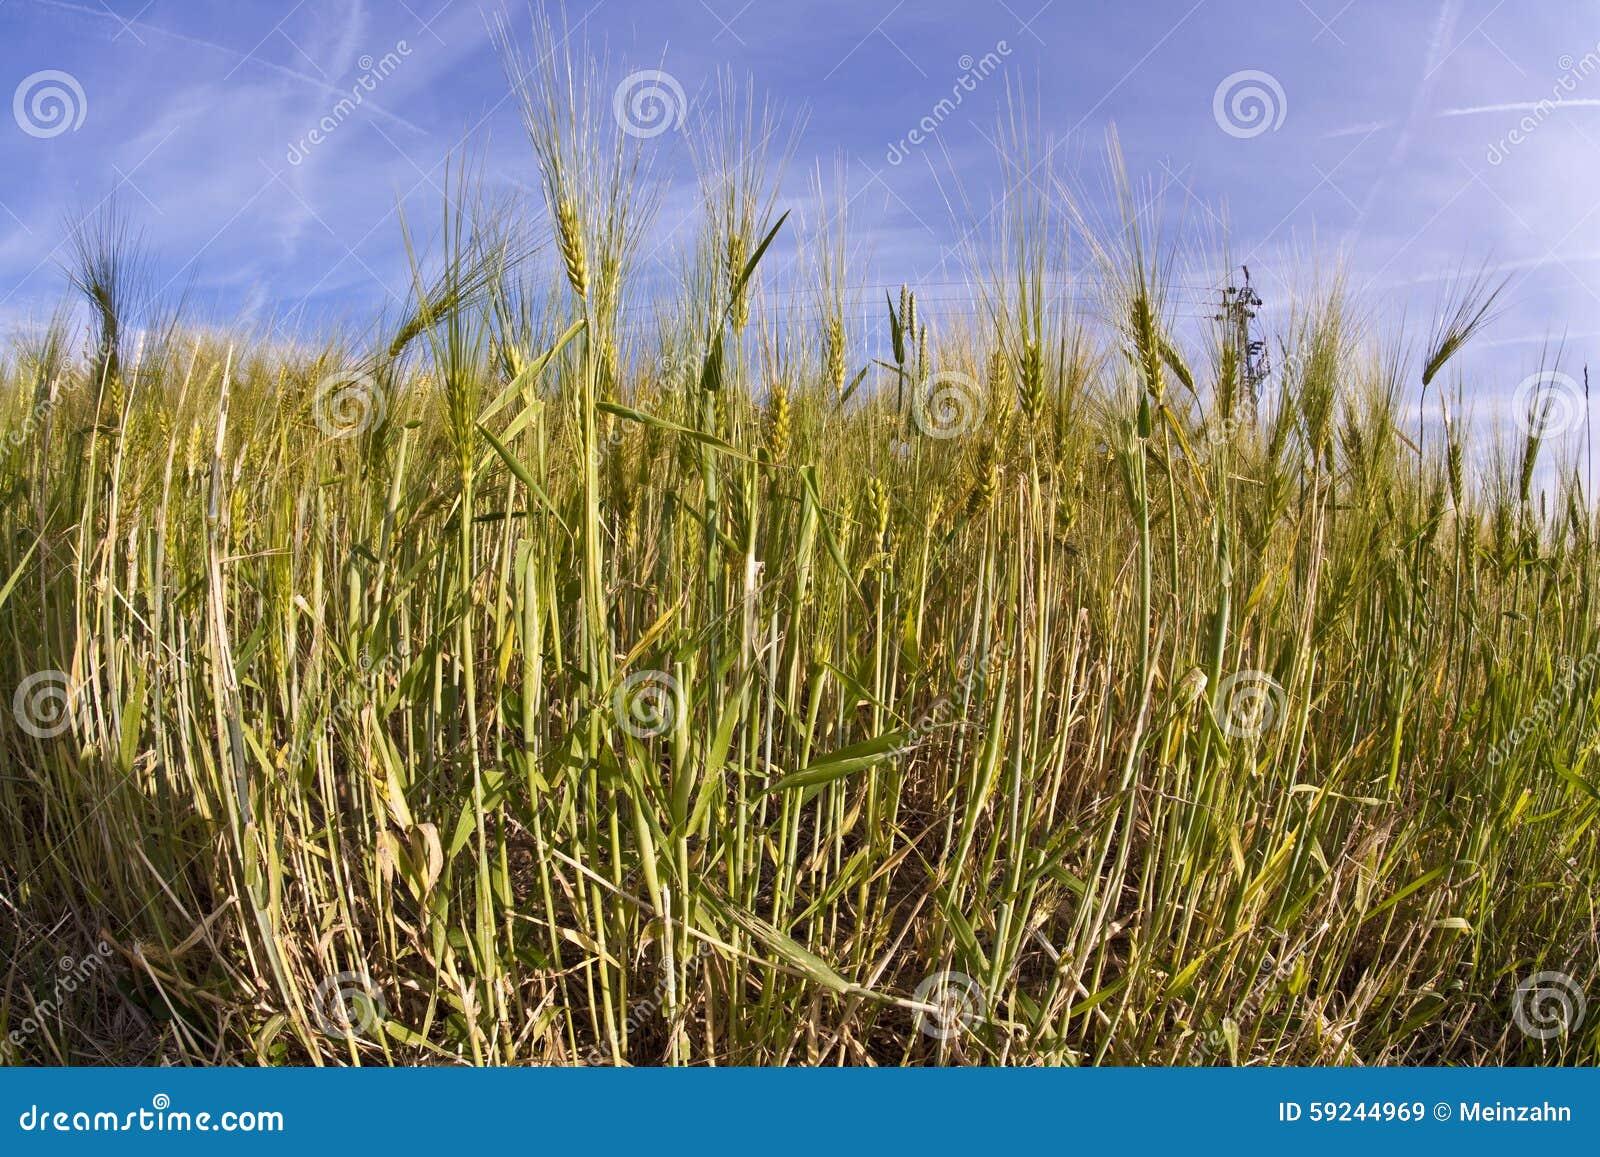 Download Spica del trigo imagen de archivo. Imagen de cultura - 59244969